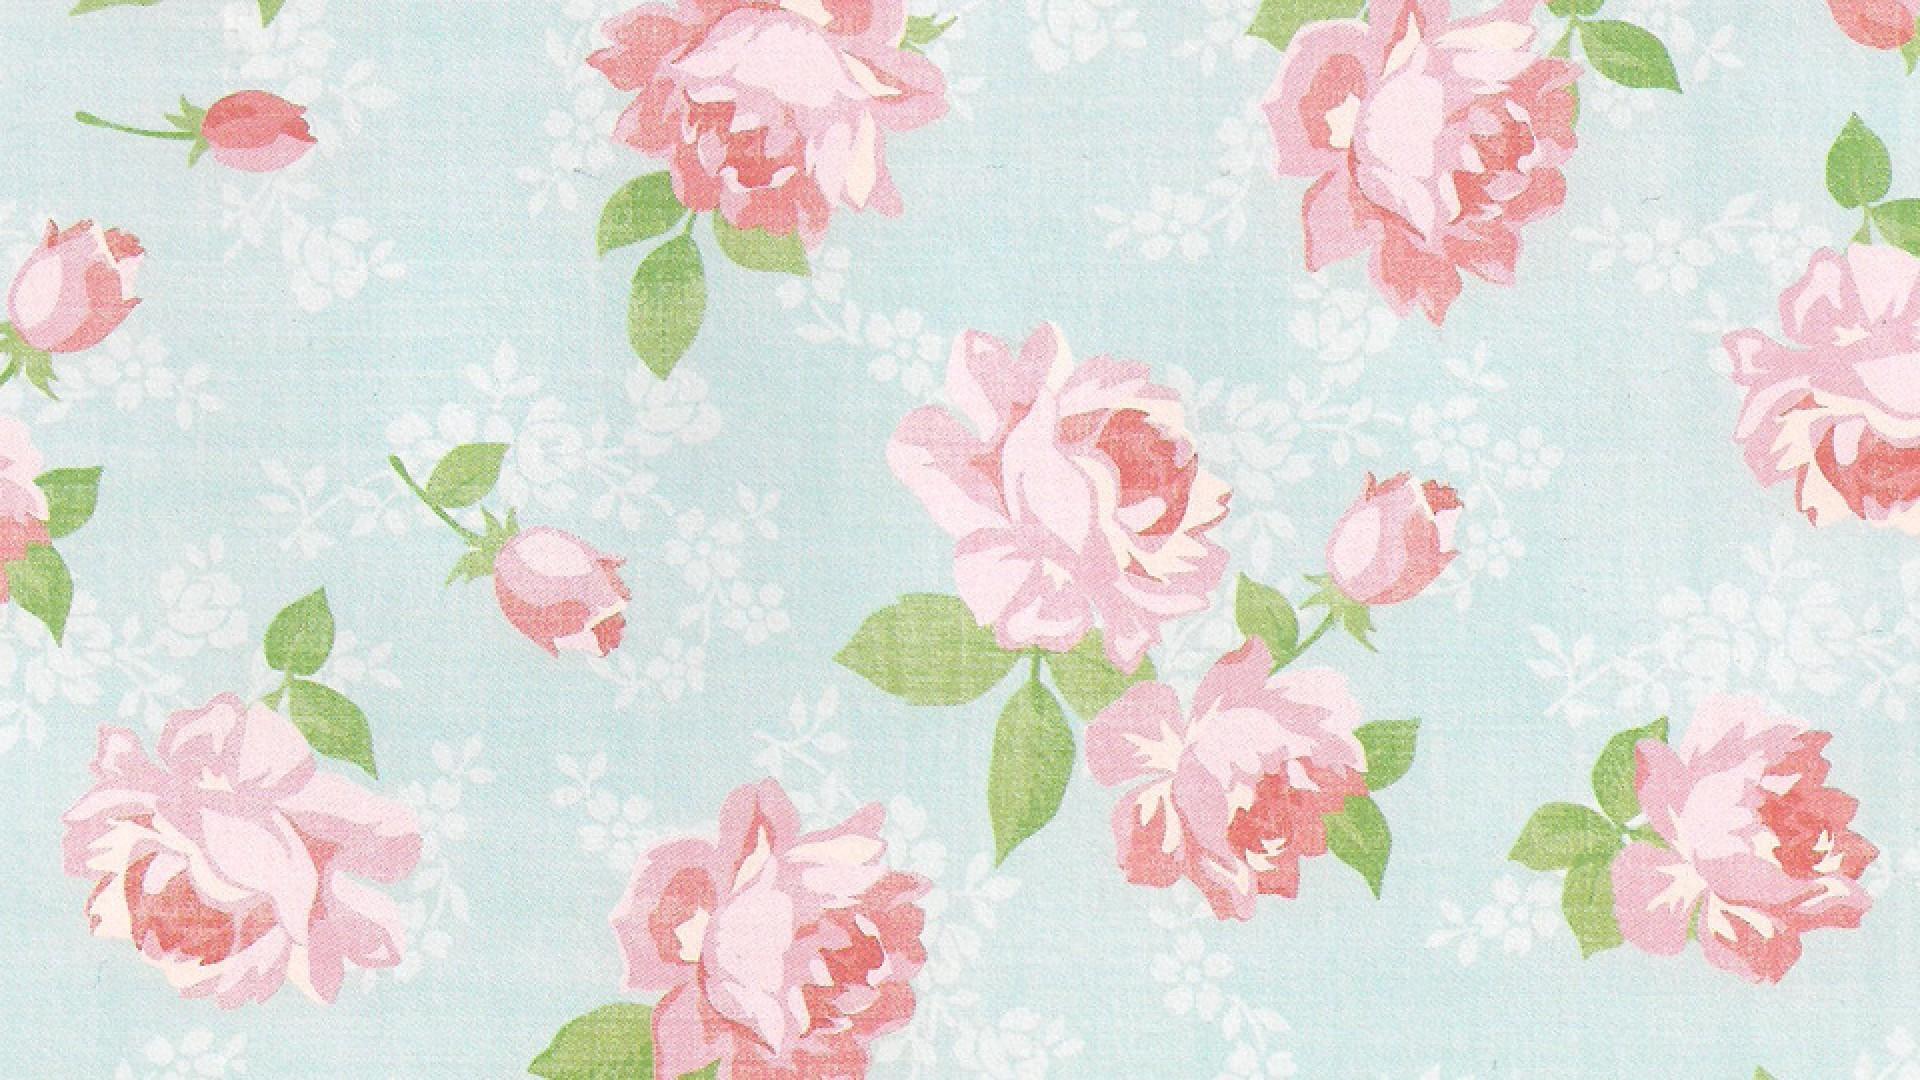 Floral Desktop Wallpaper 46 Images